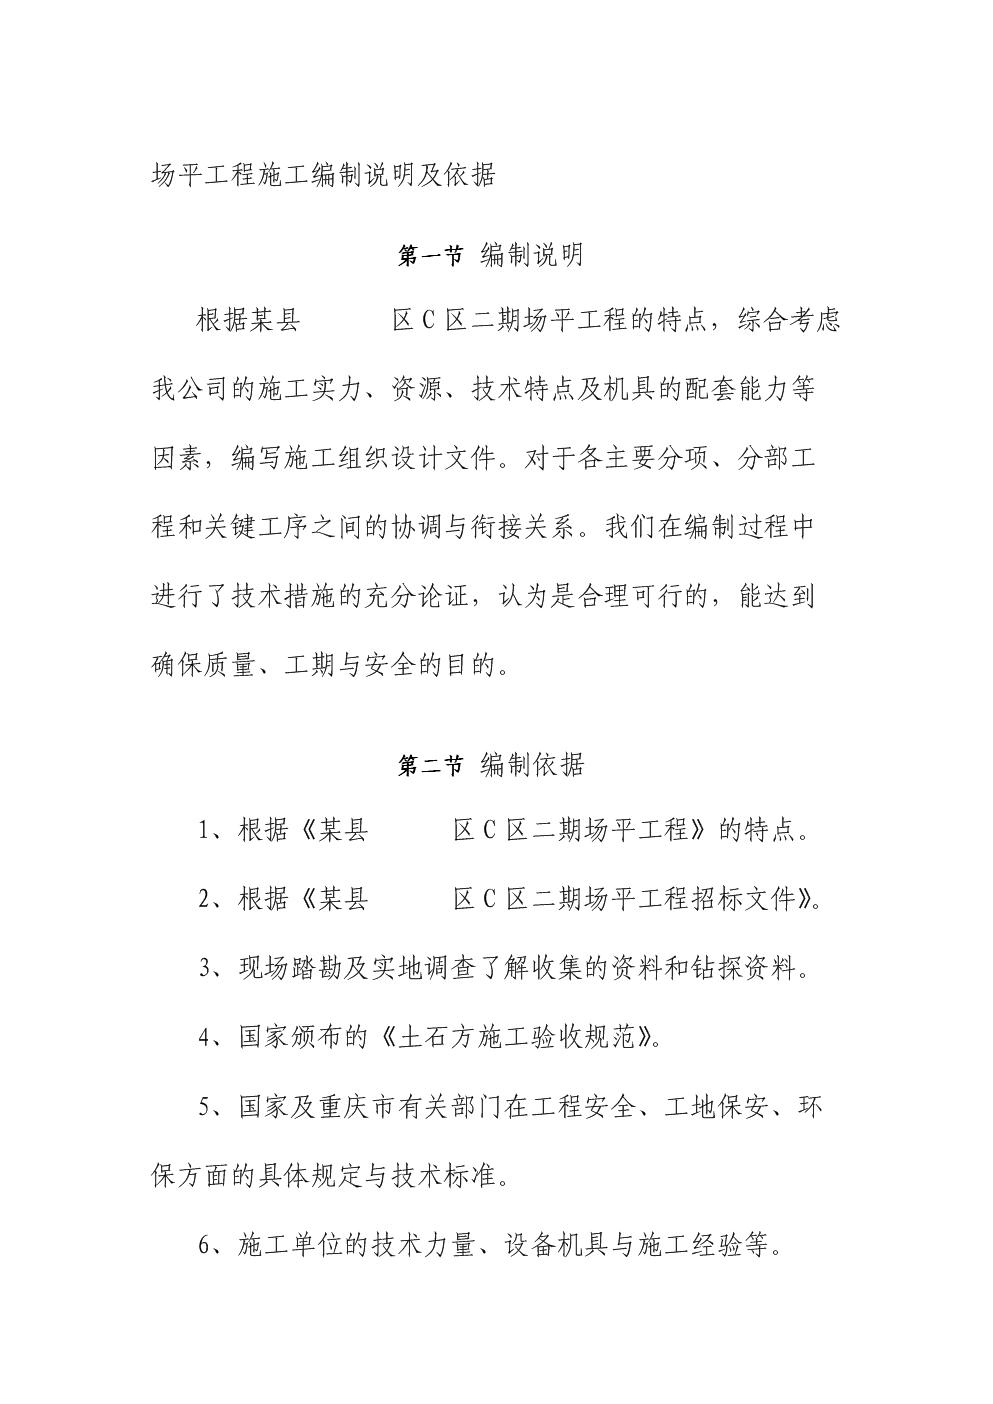 场平工程施工编制说明及依据.doc